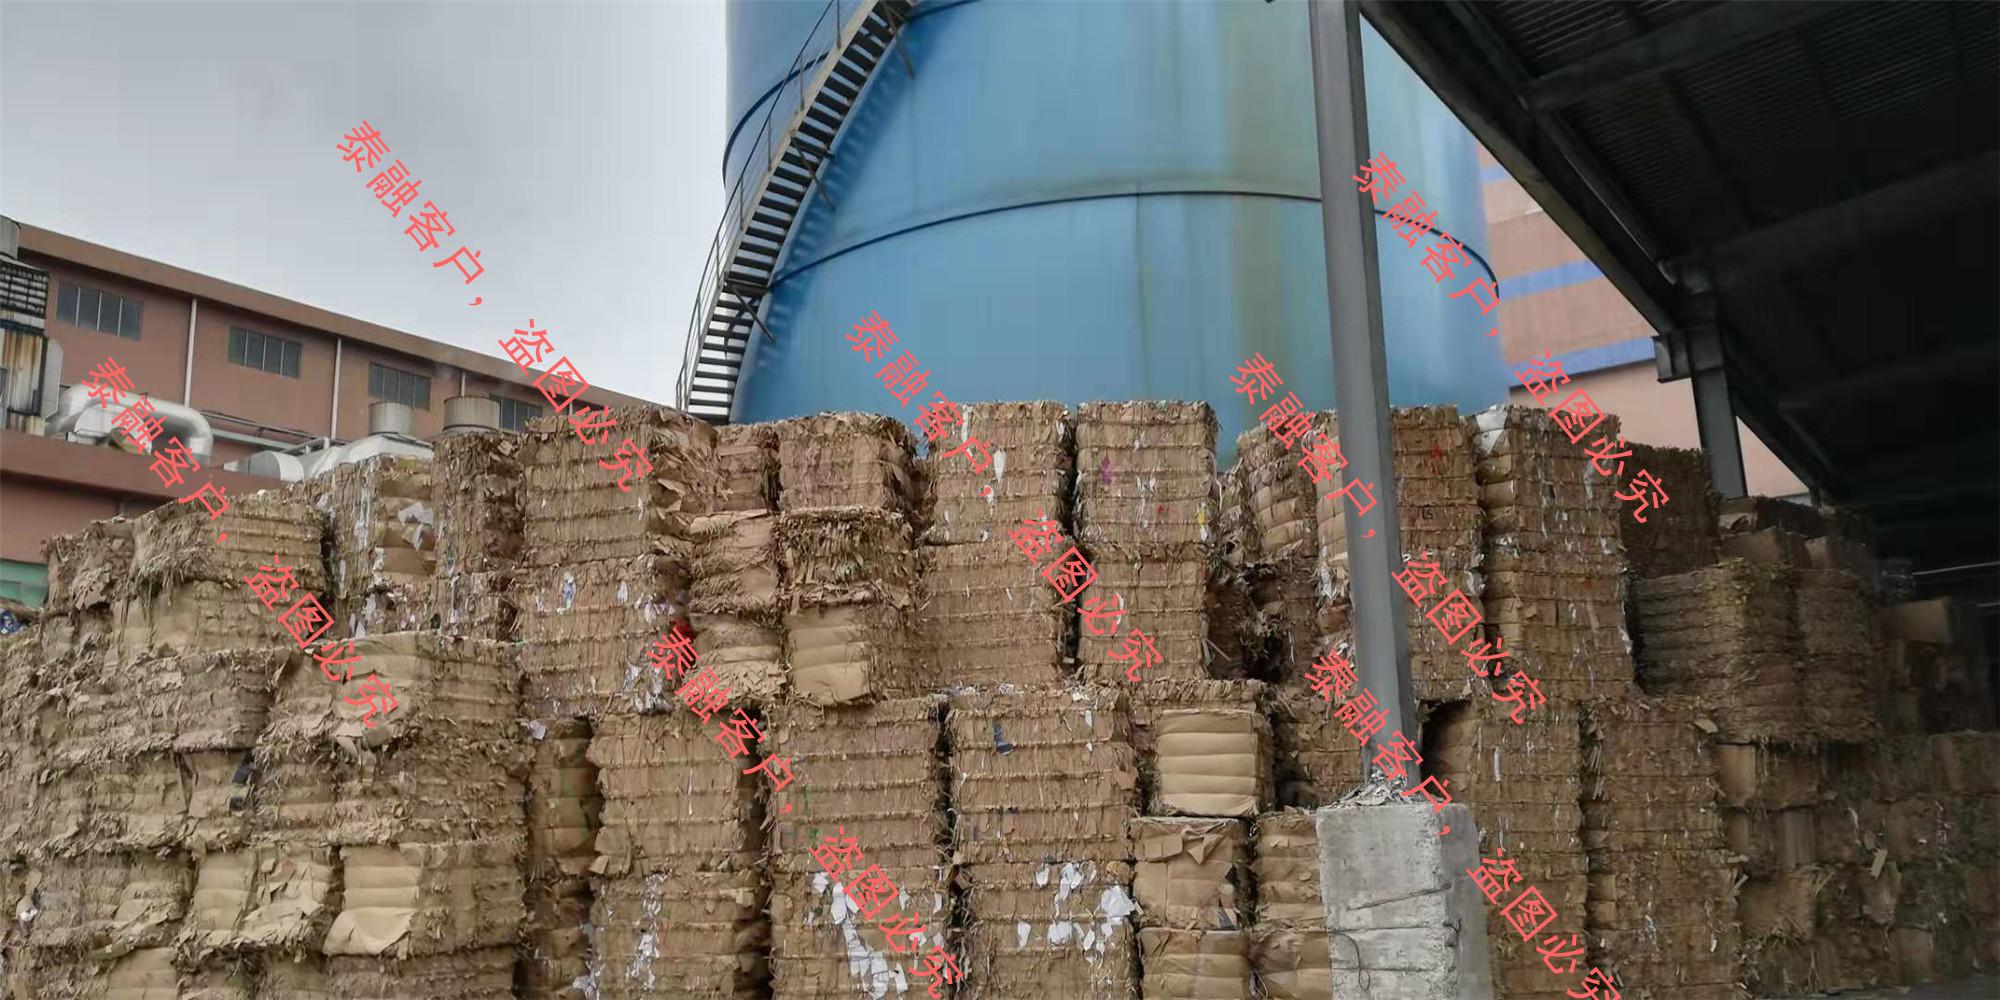 东莞市ces认证(中国环境服务认证)废水废气在线监测